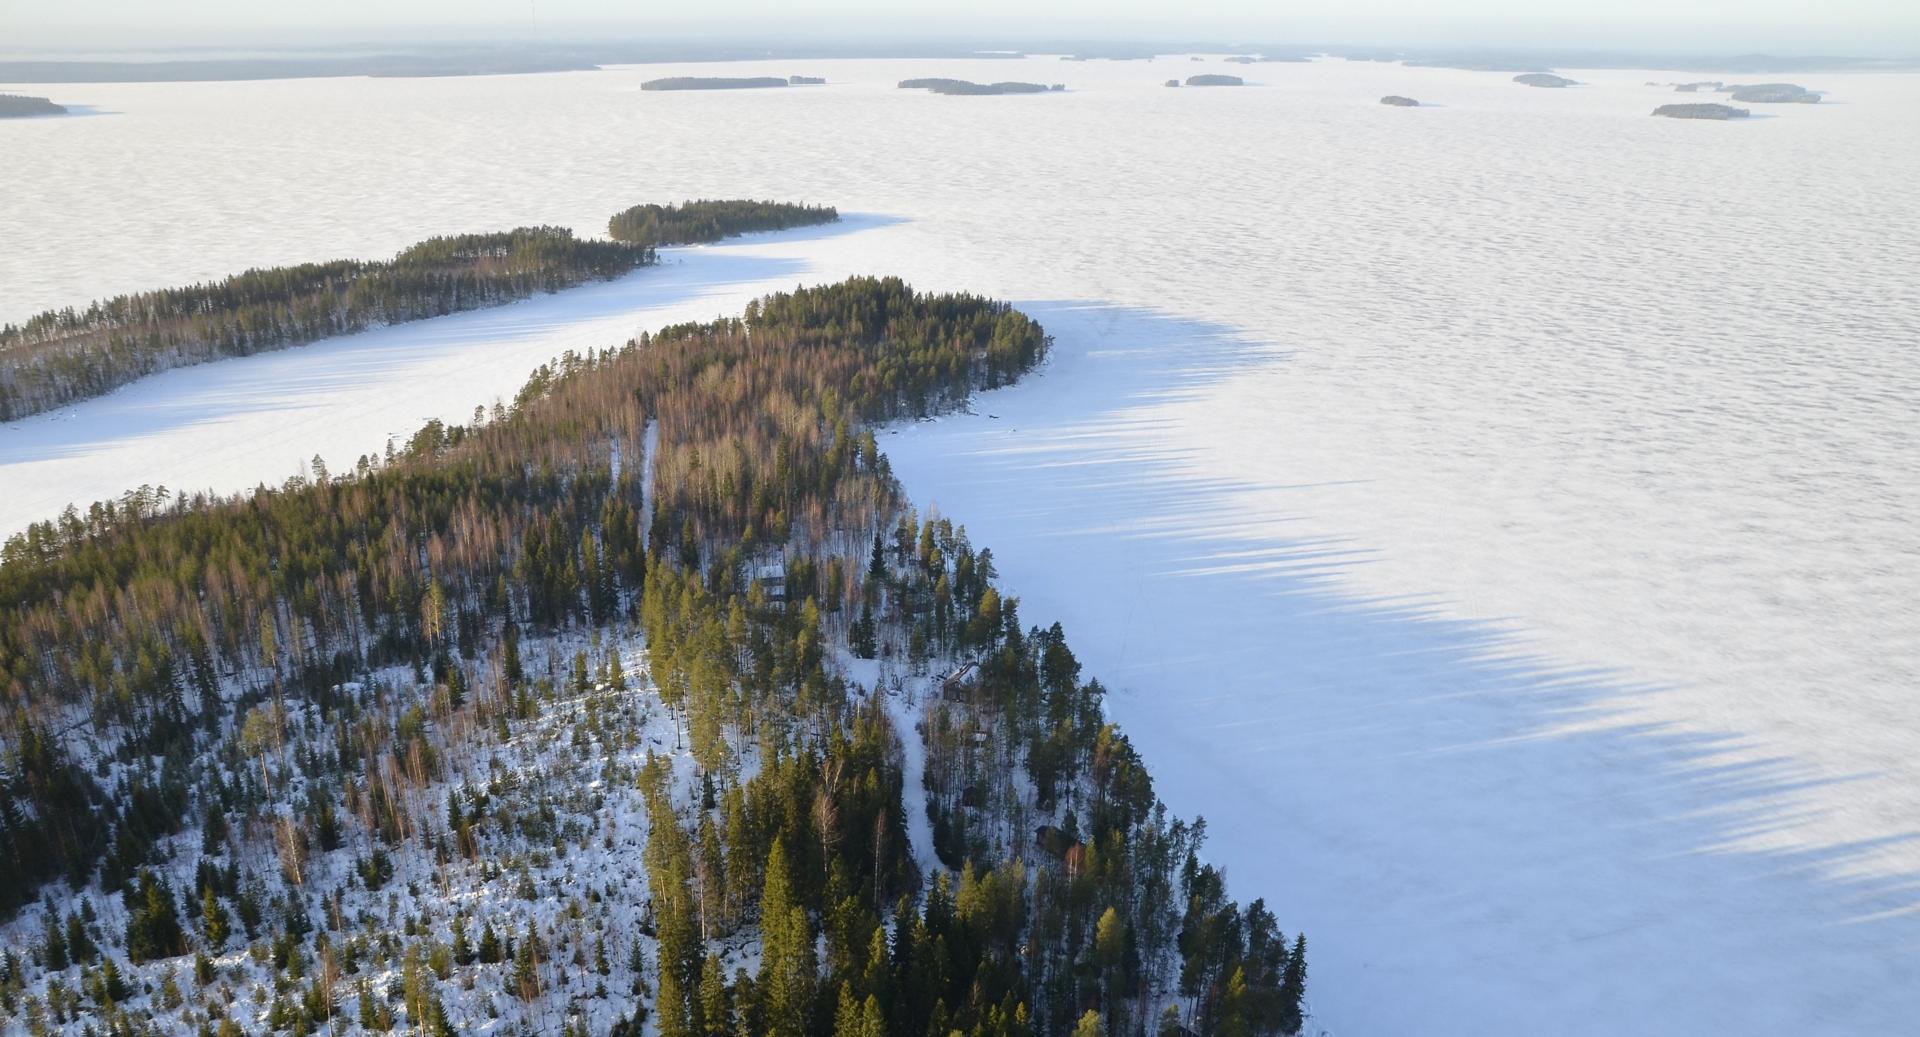 Mustaniemi, Paloniemi ja sen päässä Järkisaari. Kuva otettu juuri Viitasaaren (vasemmalla) ja Pihtiputaan rajan kohdalta. Raja jatkuu suoraan eteenpäin selällä olevaan Suursaareen.